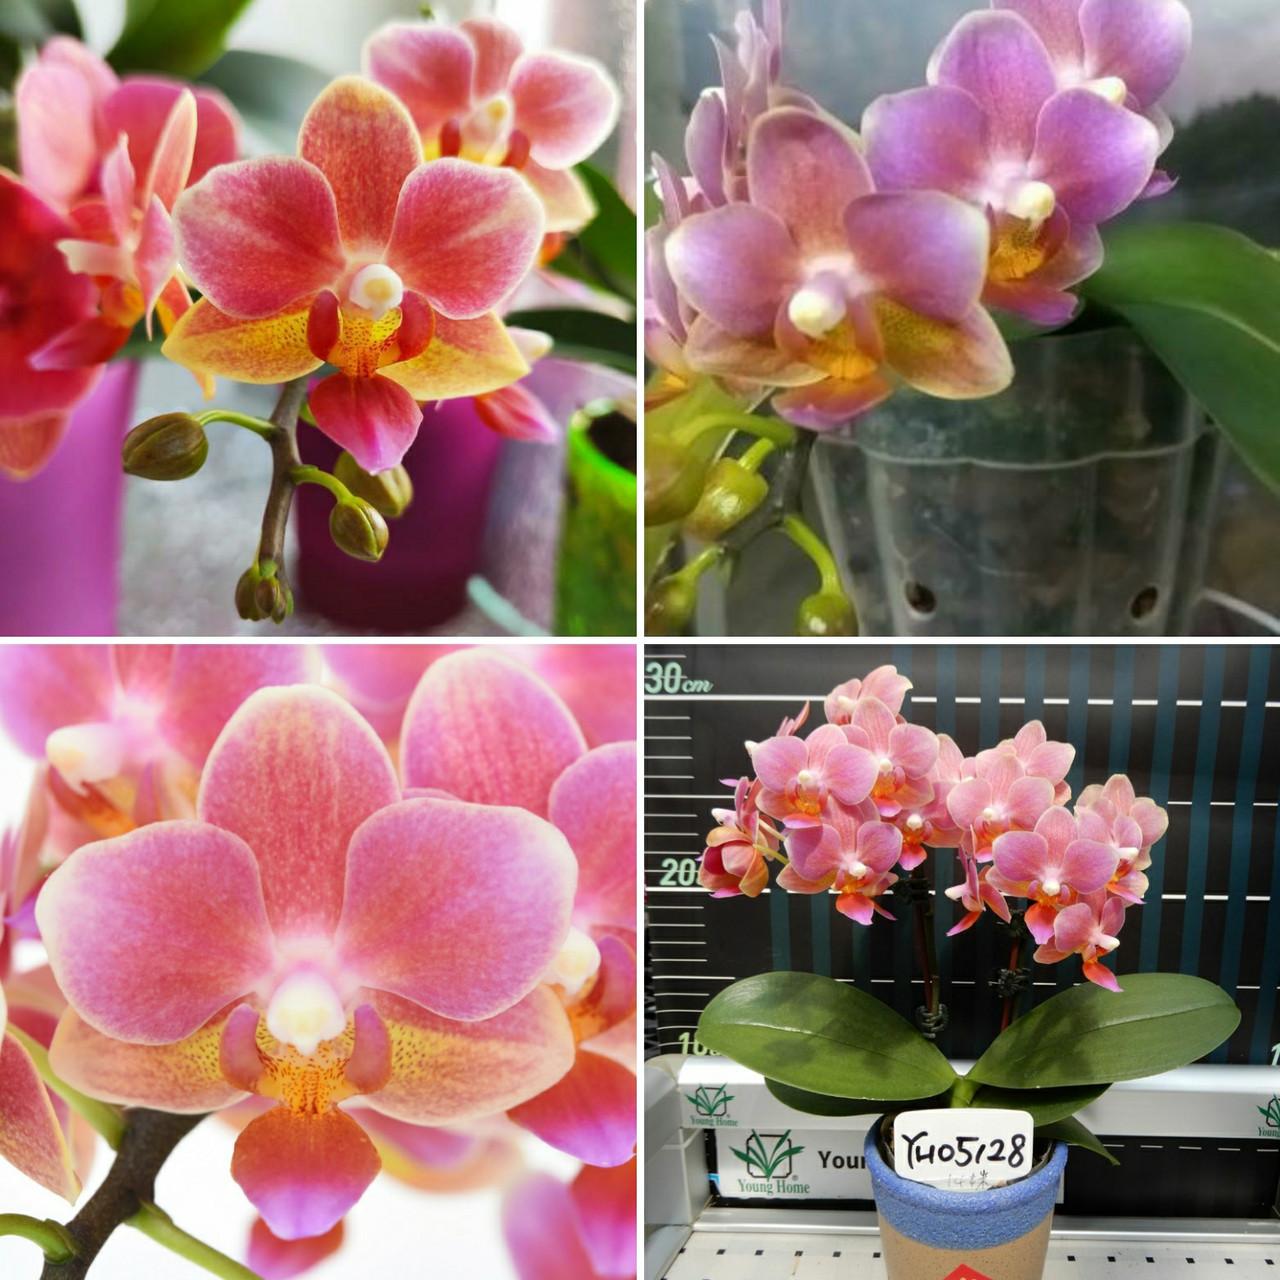 Орхідея підліток. Сорт Fragrance Lover, розмір 1.7 без квітів